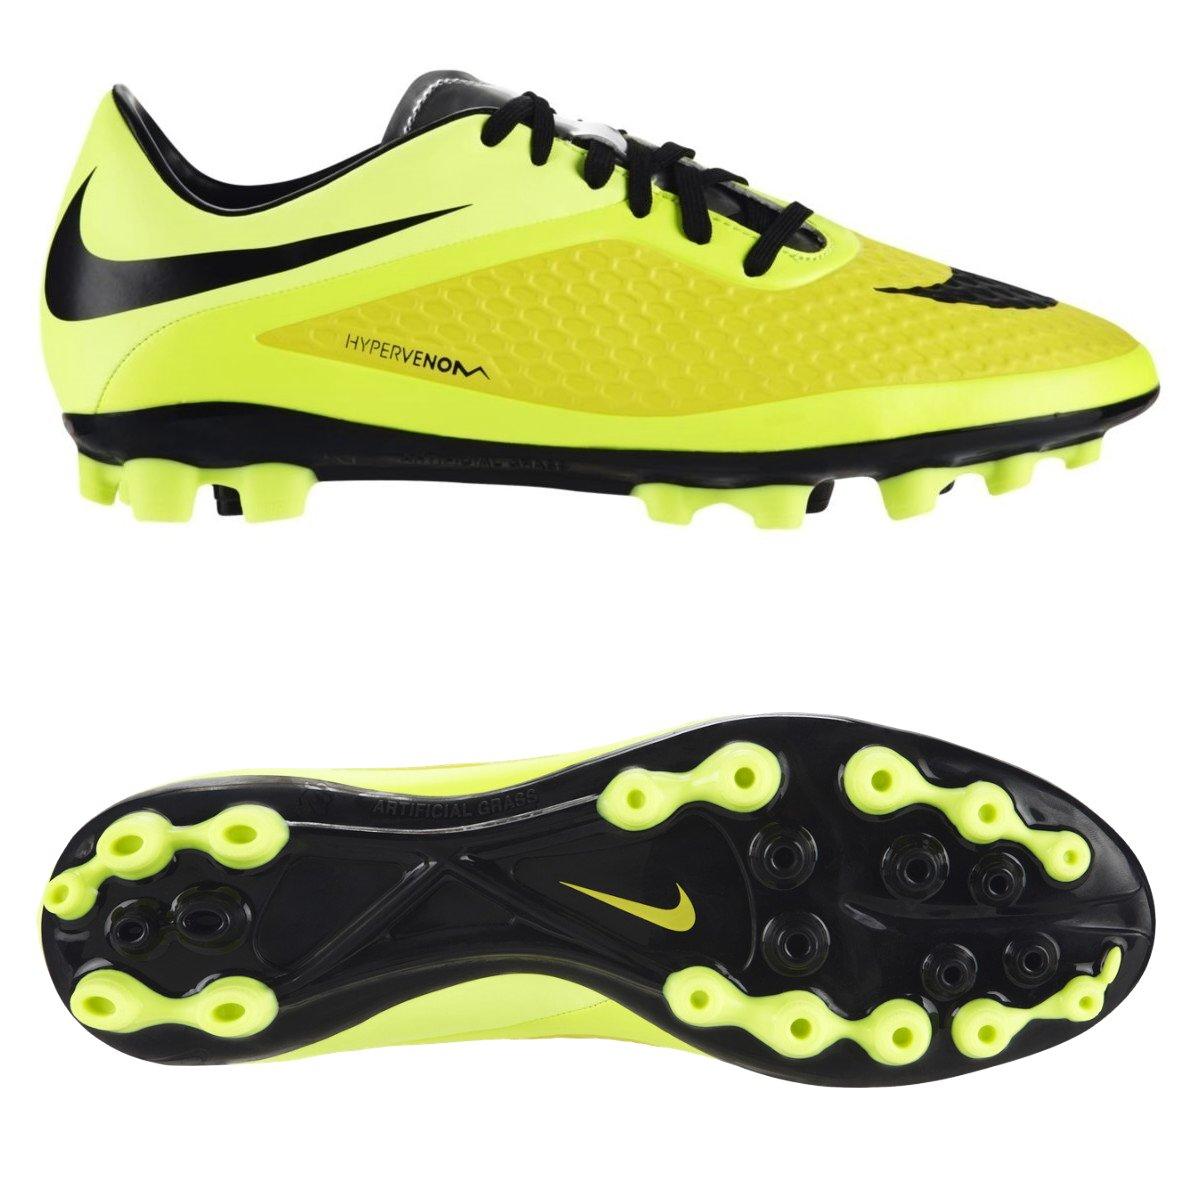 Ag Multinocken Schuhe Nike Kunstrasen Hypervenom Fußballschuhe Phelon GelbEbay yf76gYbv